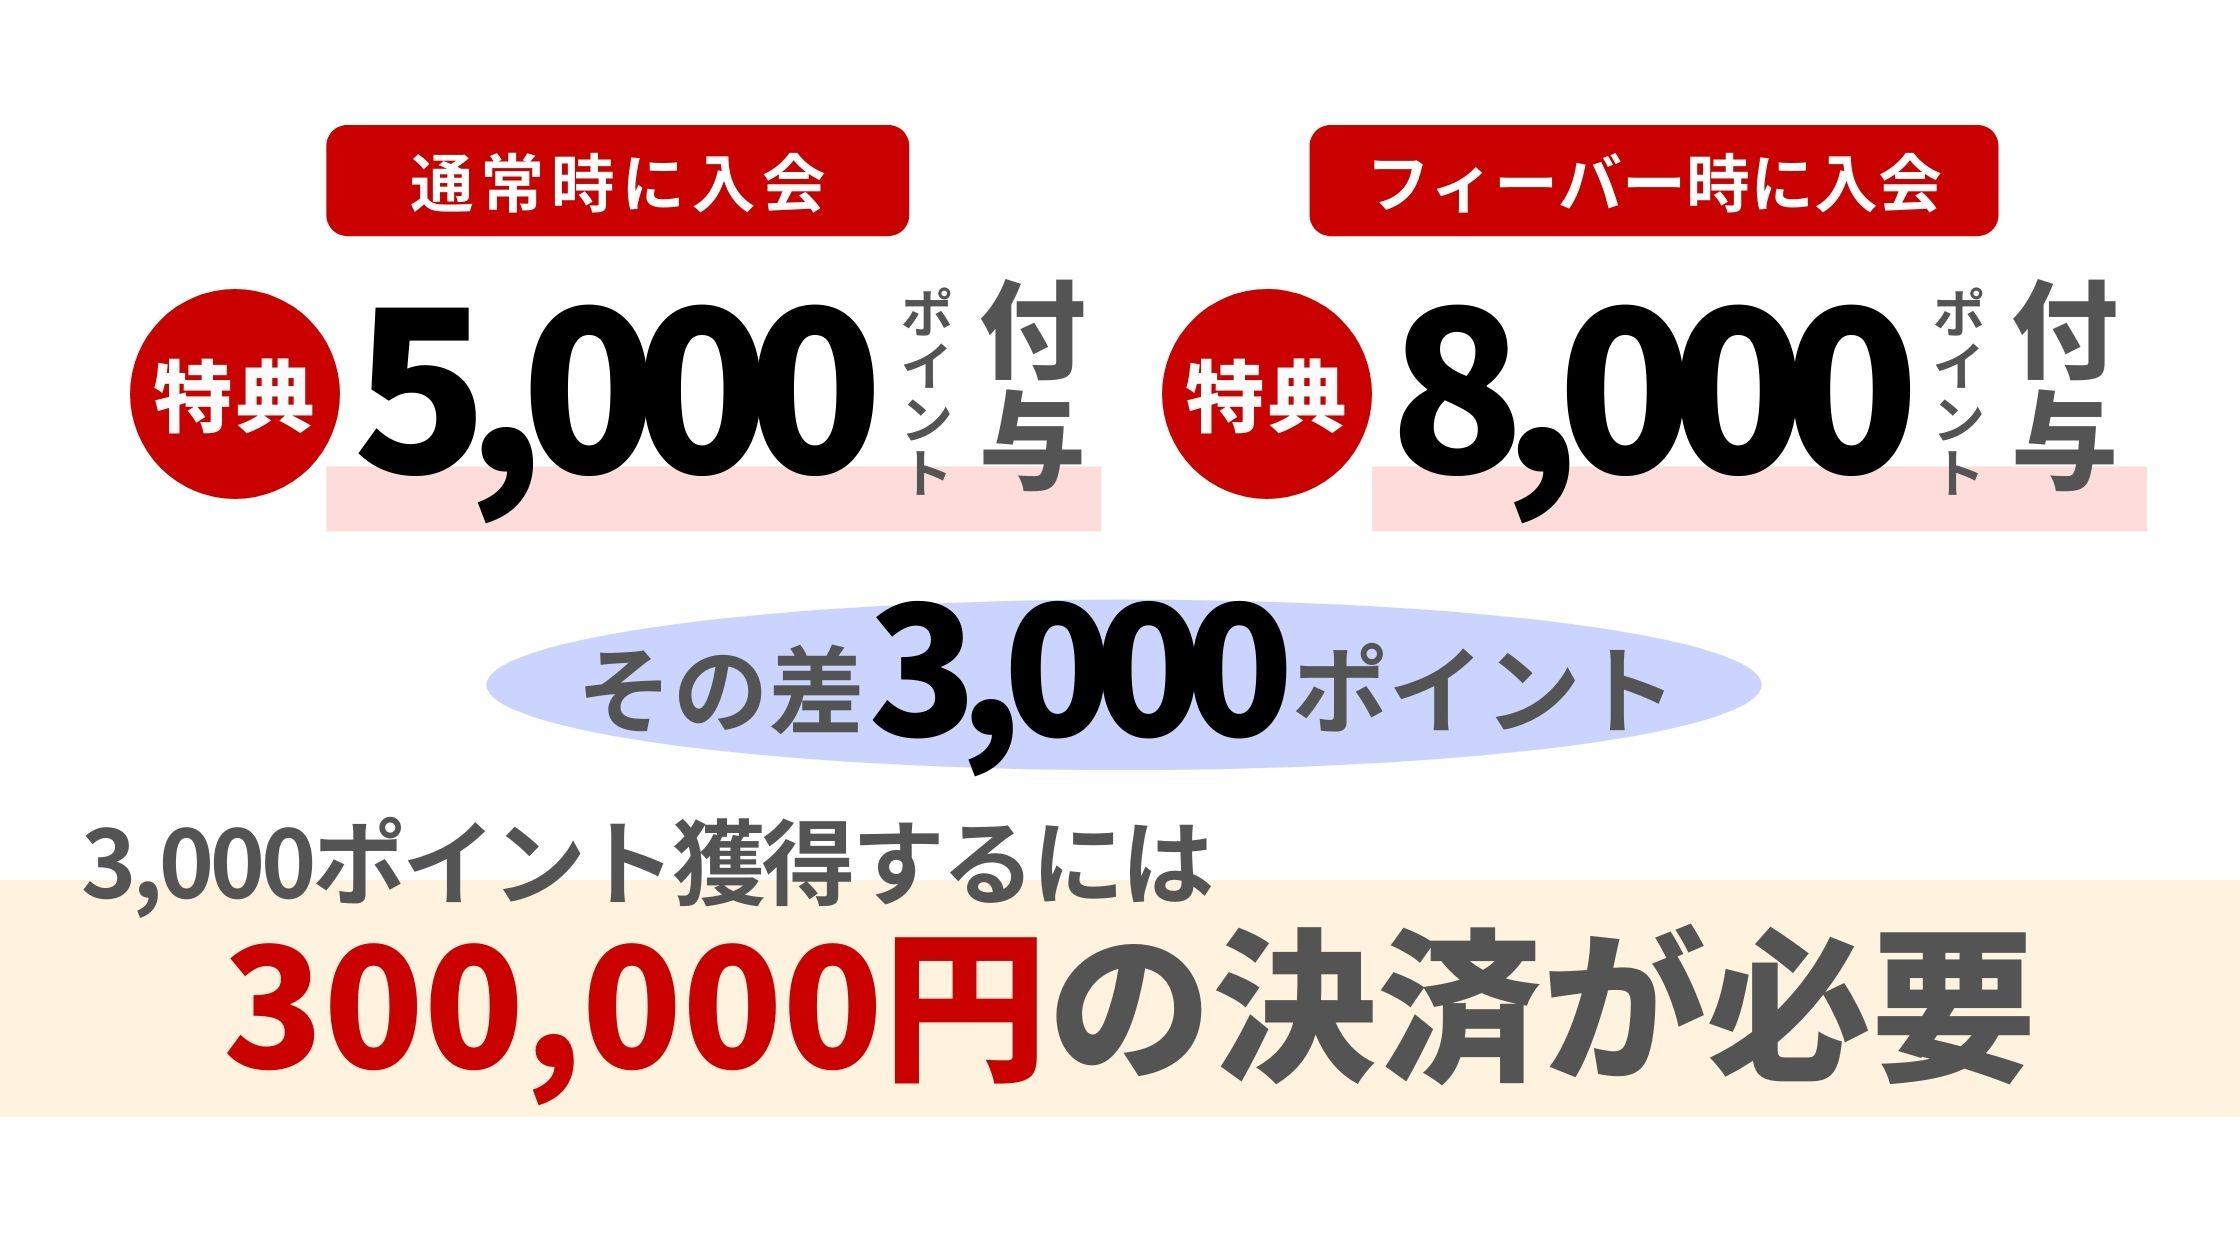 3,000ポイントを集めるためには300,000円の決済が必要